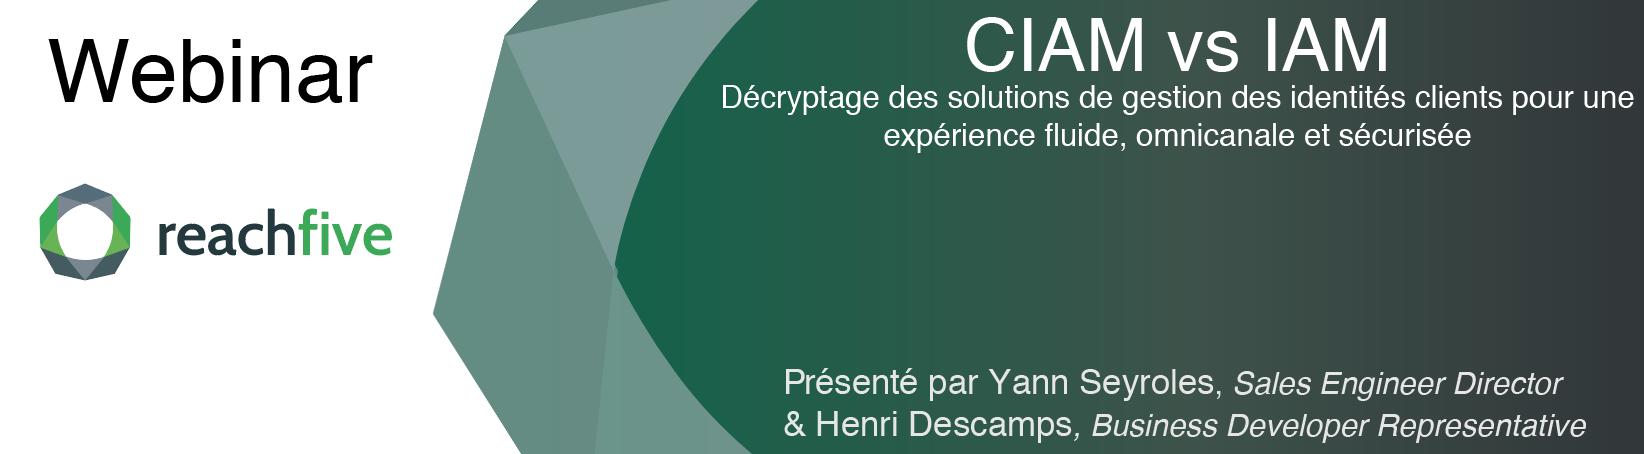 Webinar CIAM vs IAM